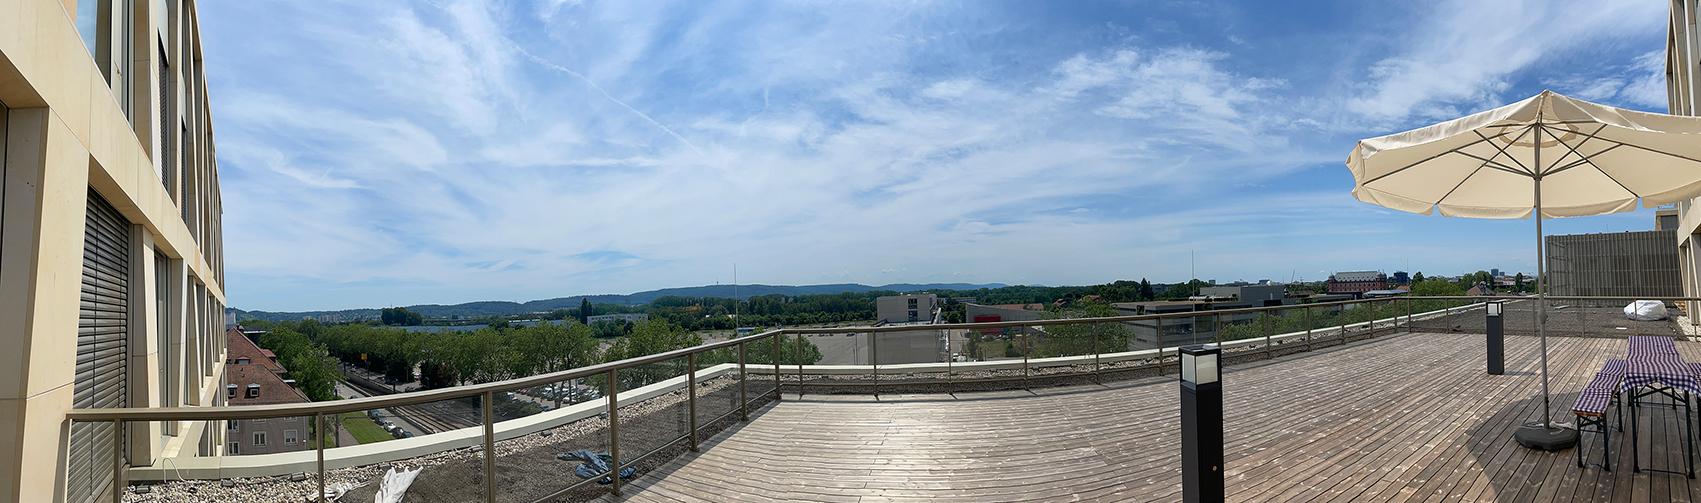 Dachterrasse Panorama Durlacher Allee 75-77